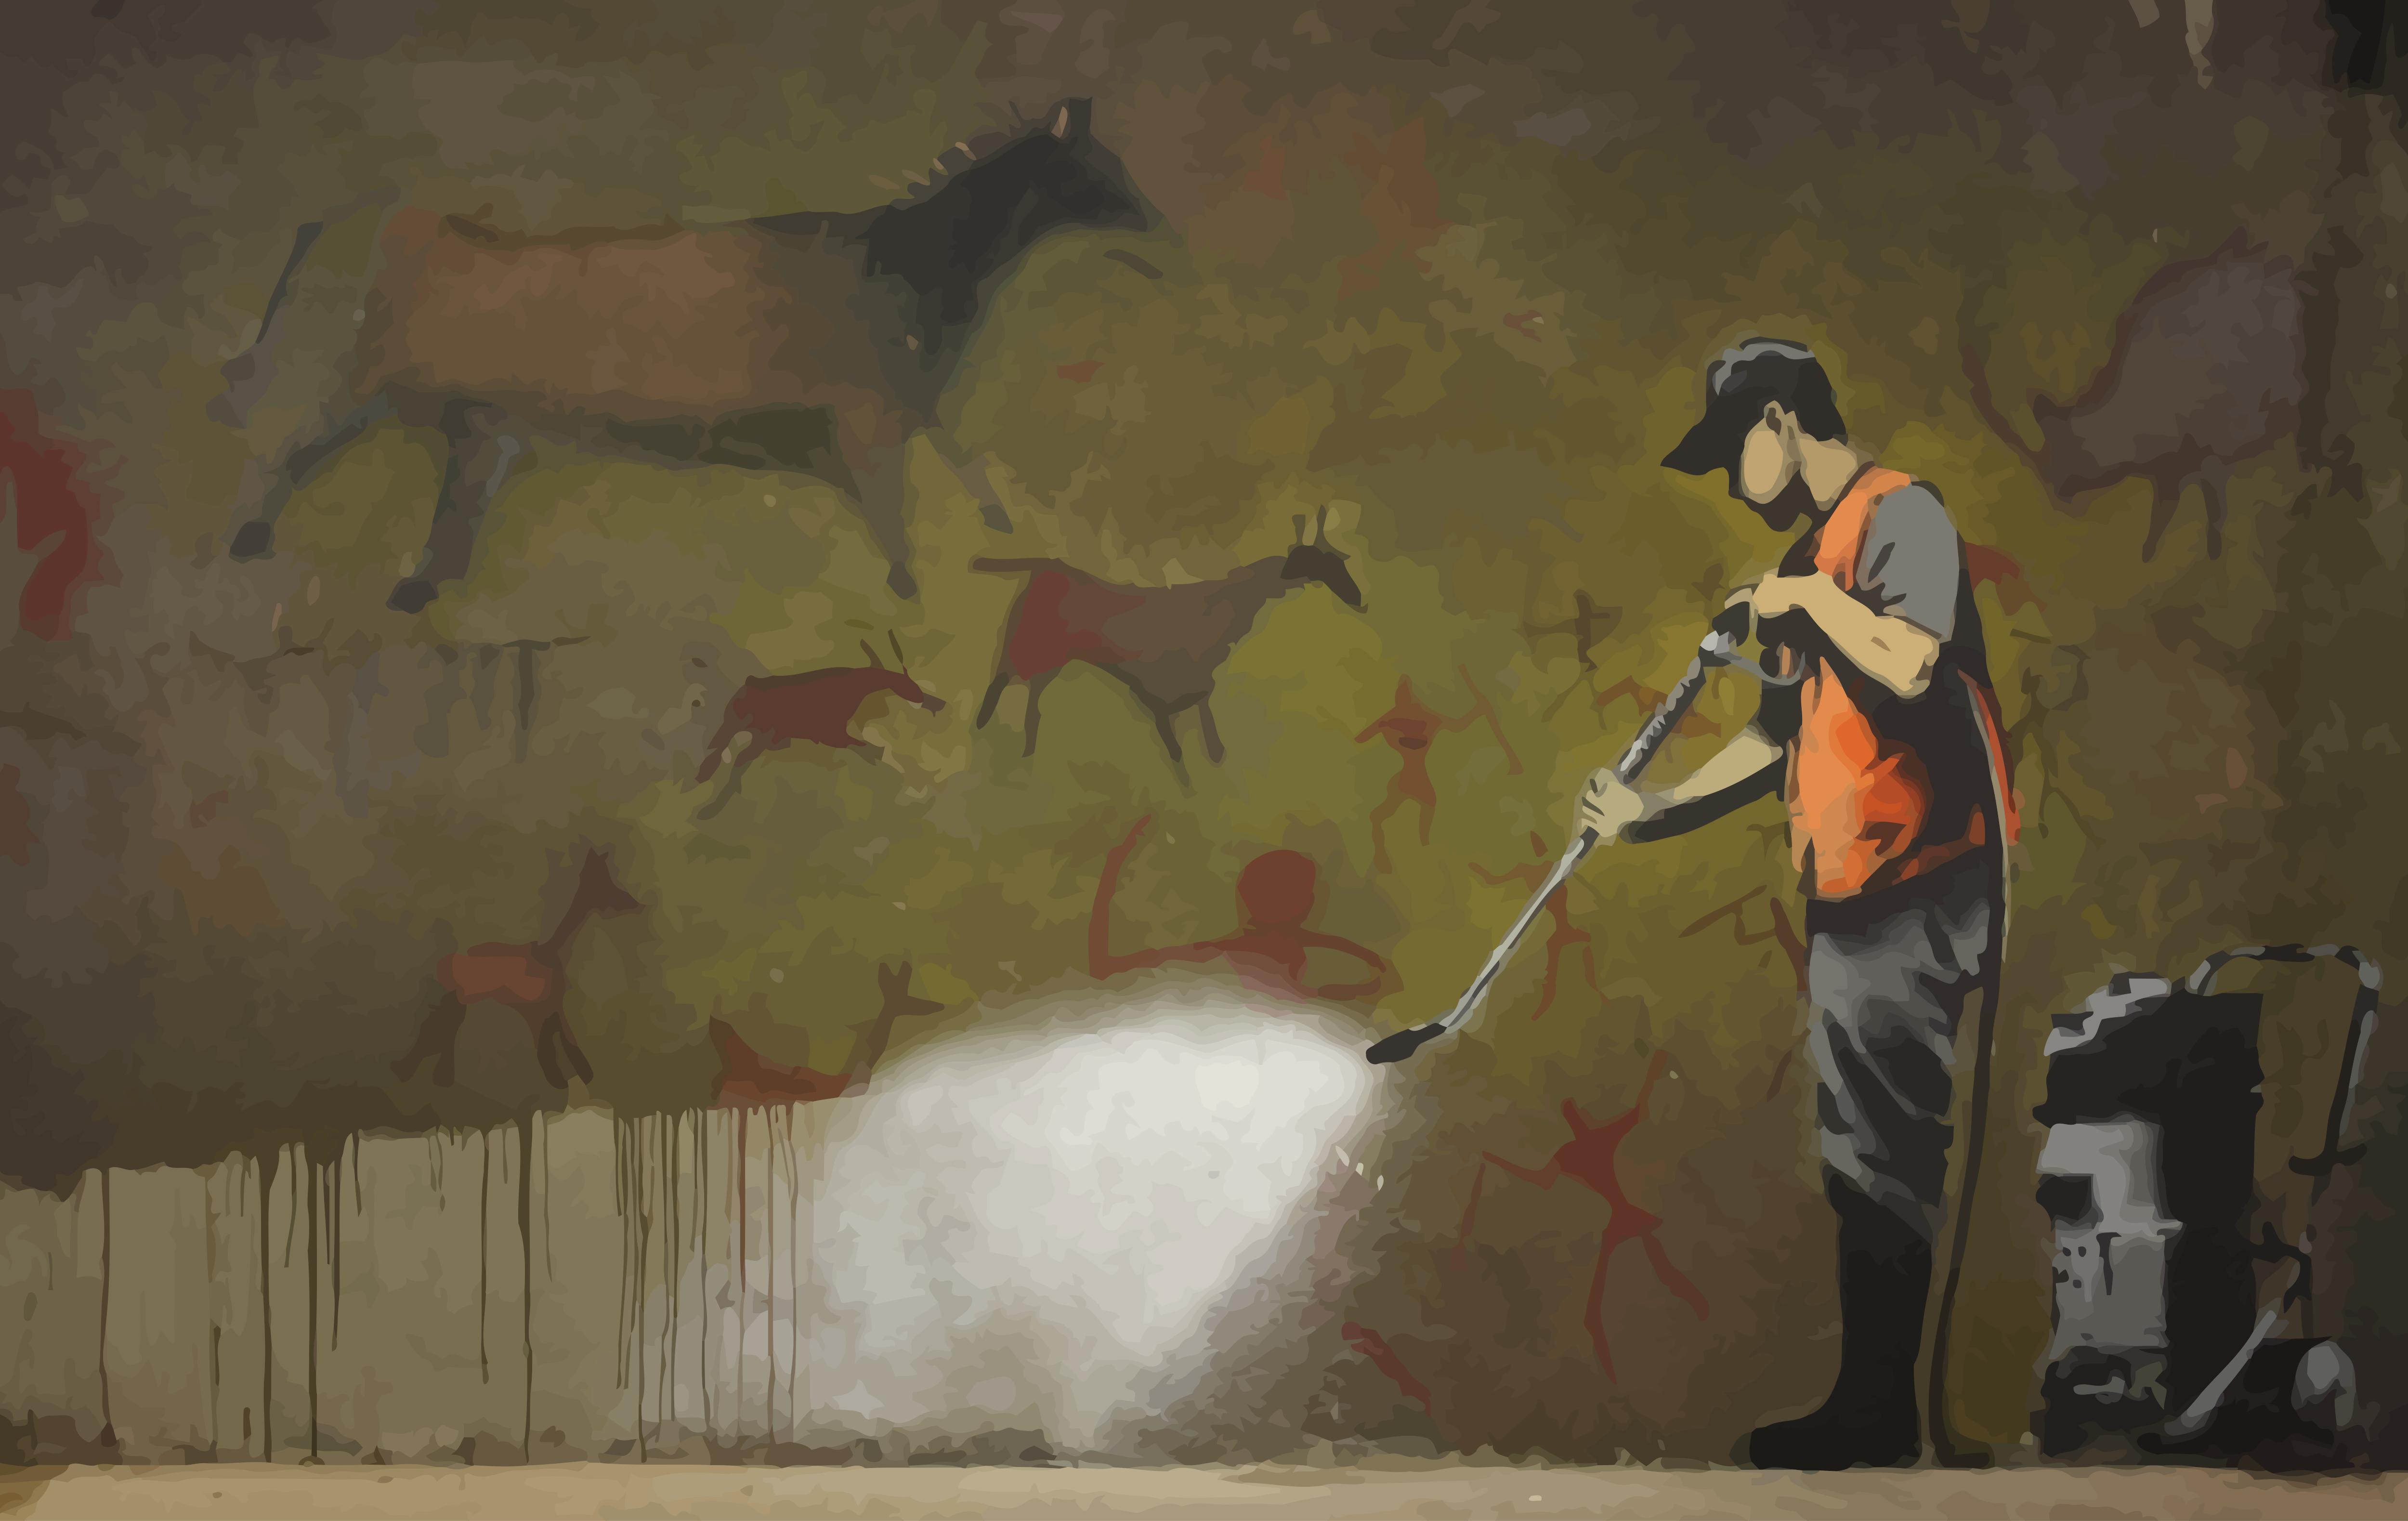 Painting Wall Graffiti Street Art Mural Banksy ART